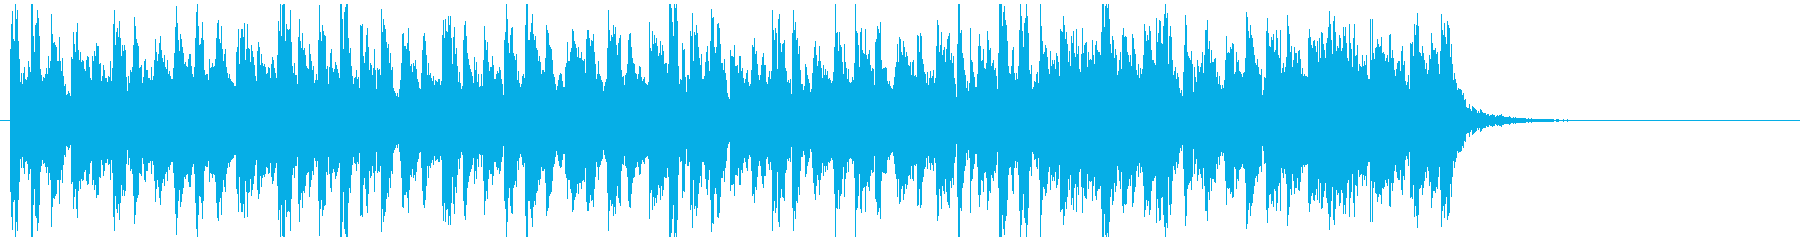 アフリカ系ドラムンベース◆15秒ジングルの再生済みの波形